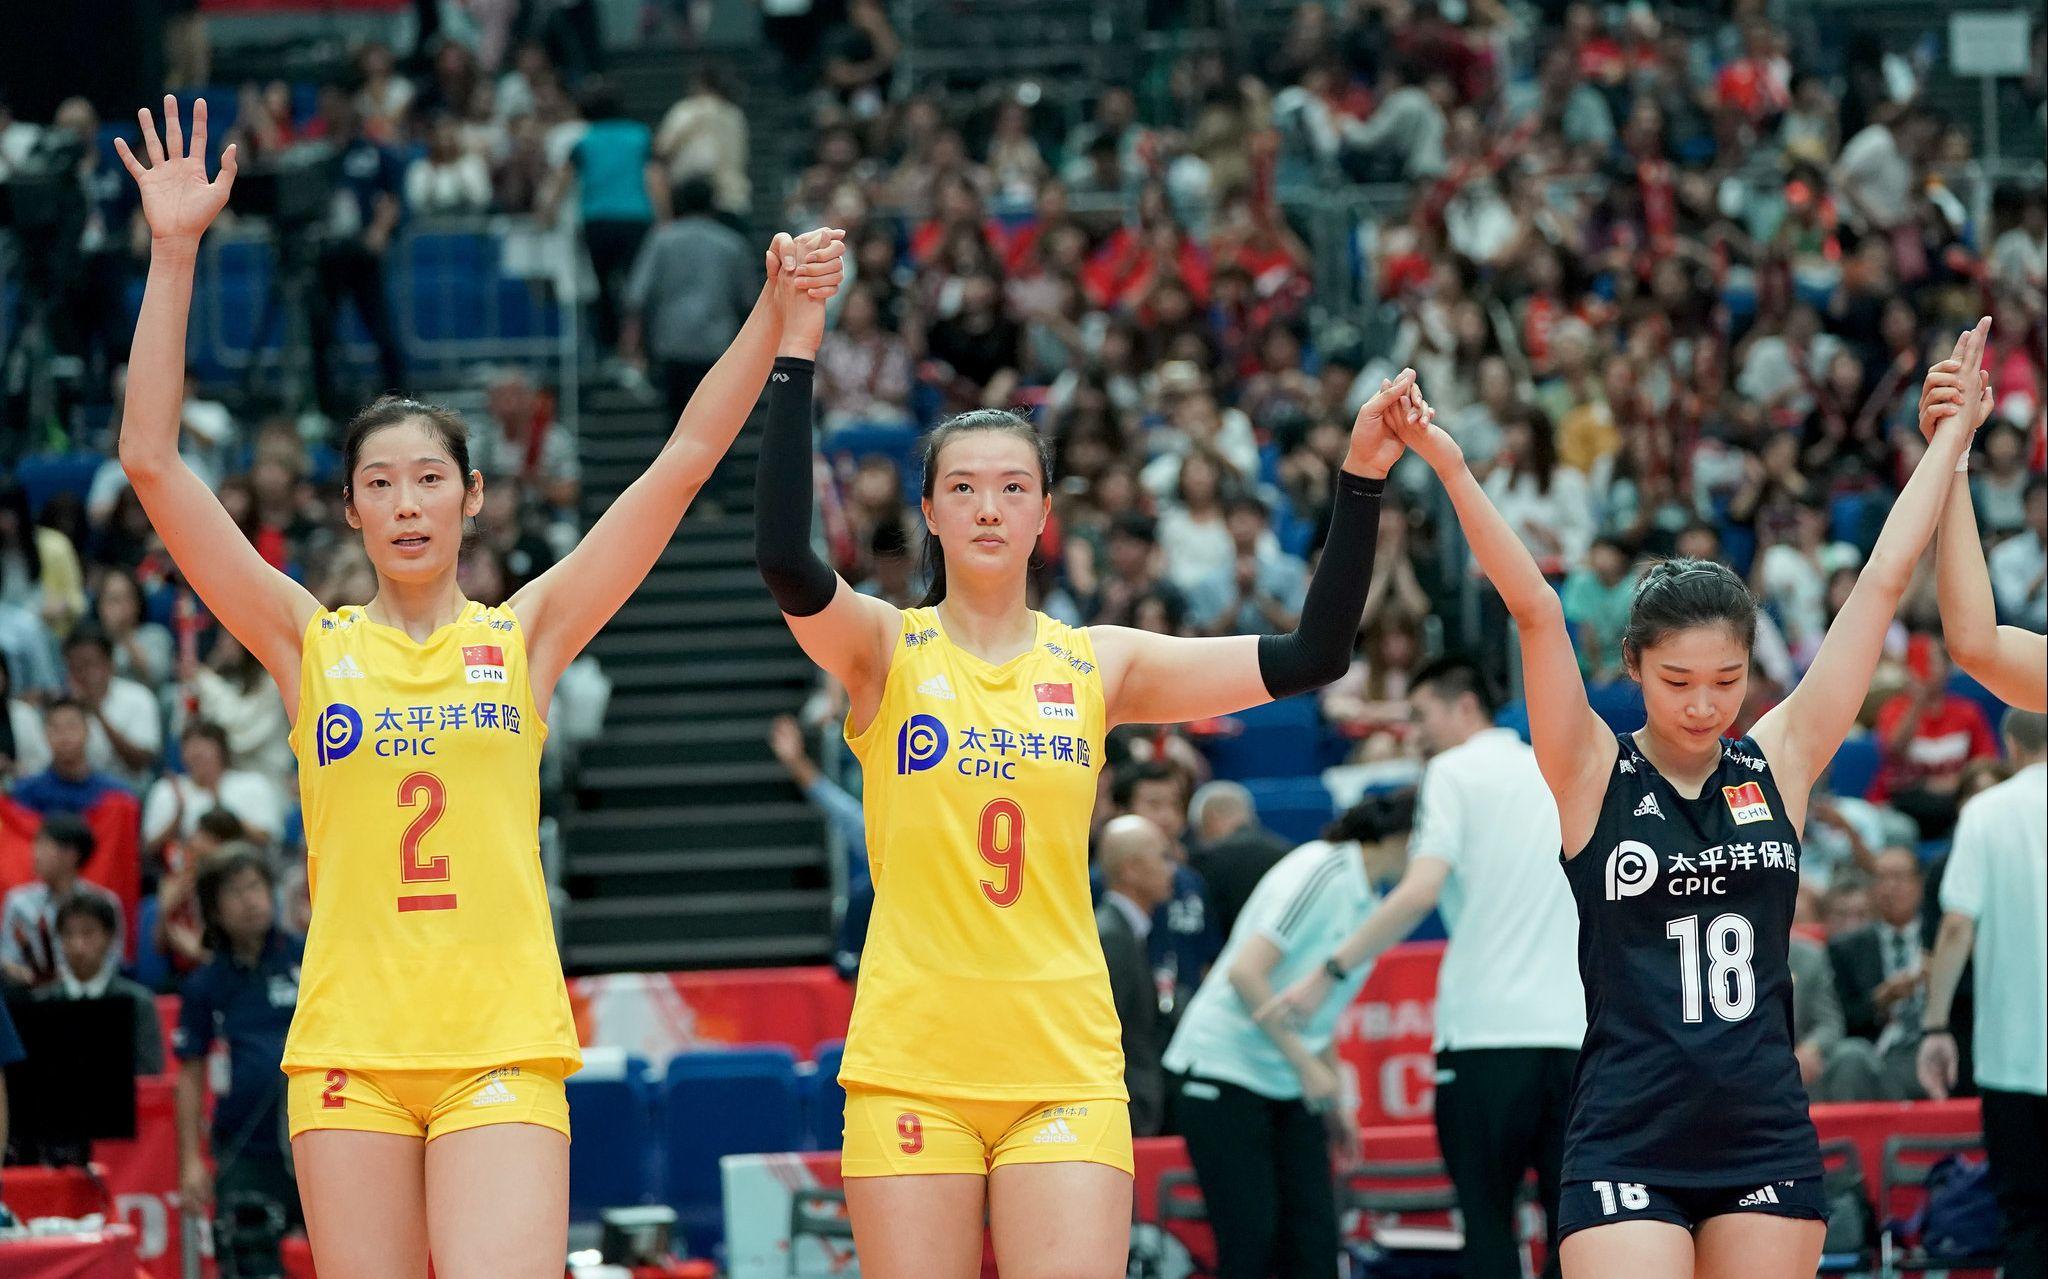 中国女排五连胜,郎平称真正的考